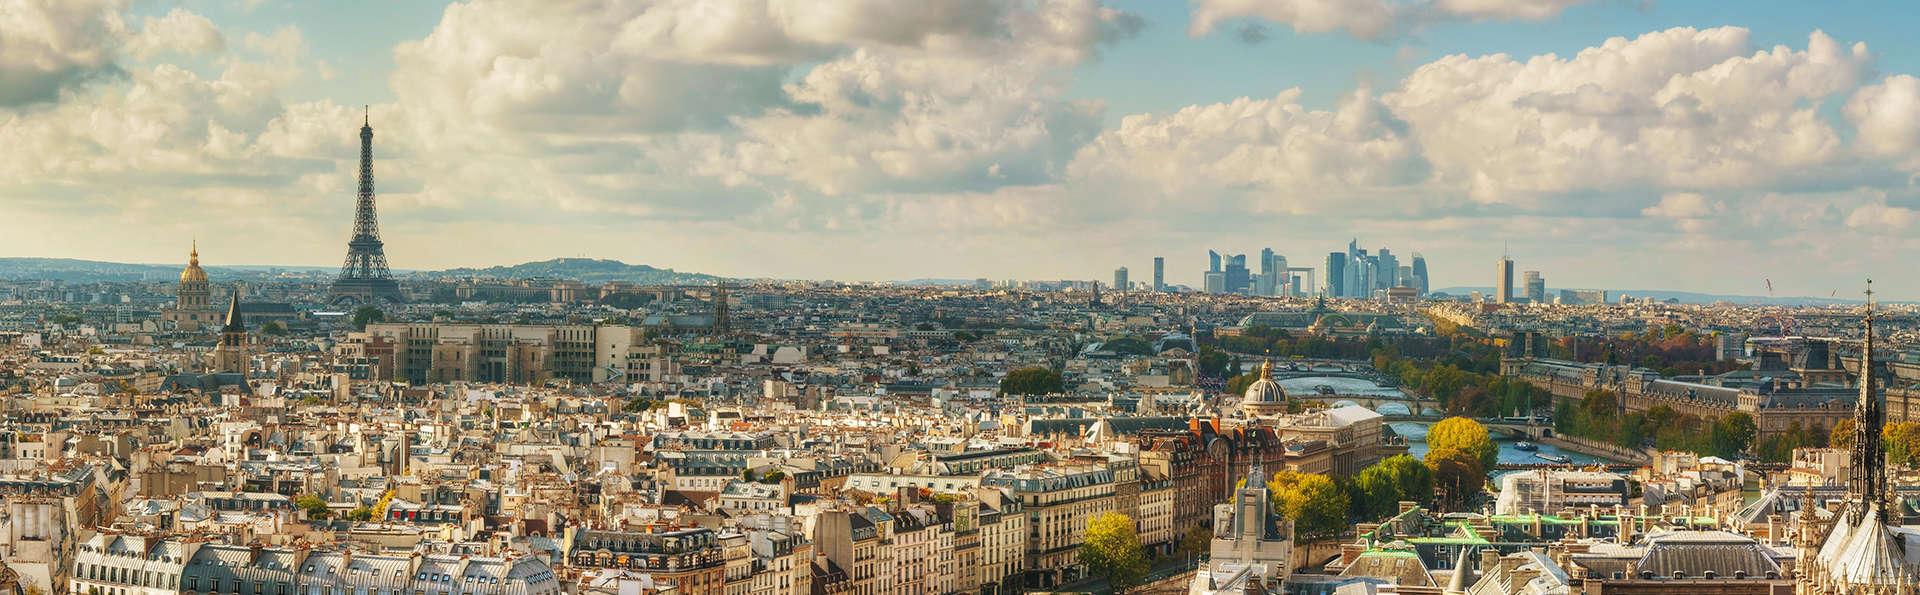 L'Edmond Hôtel - EDIT_paris4.jpg